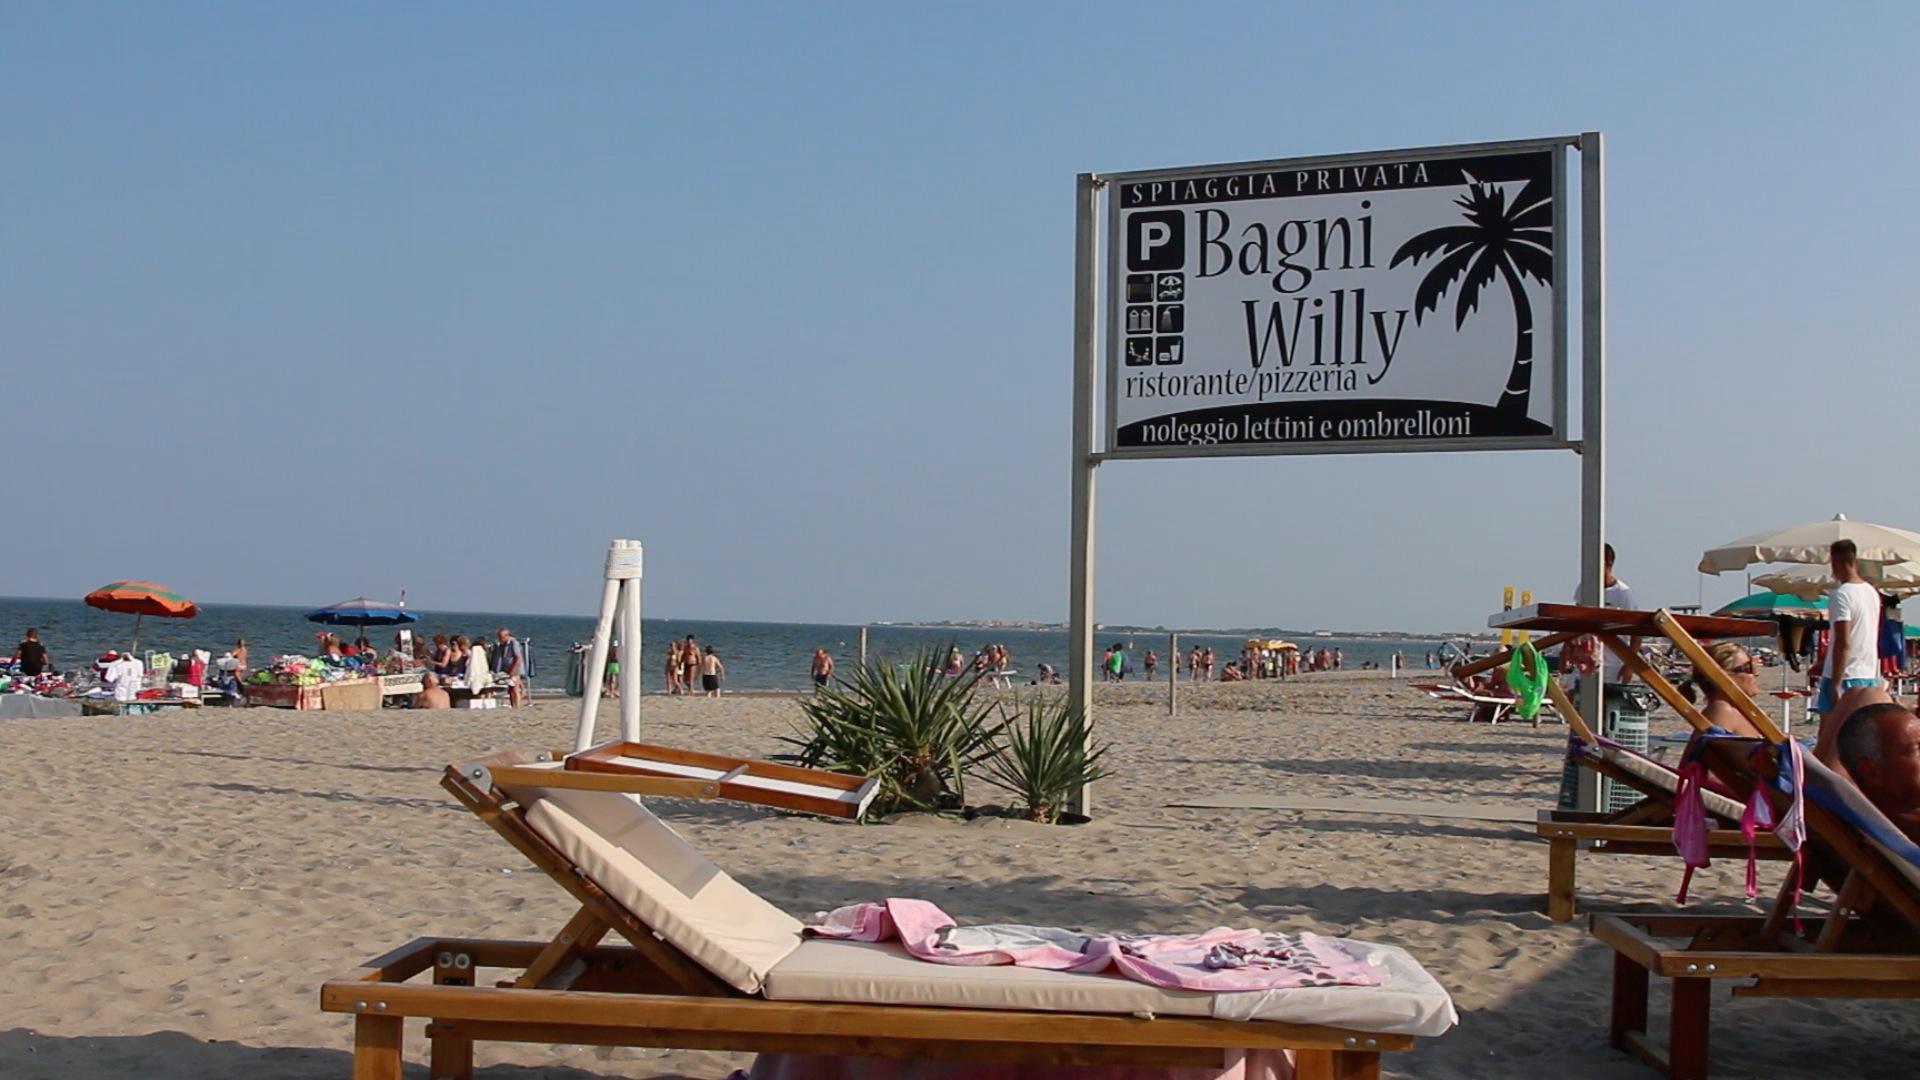 Bagni Willy unoasi di relax e divertimento  ChioggiaTV